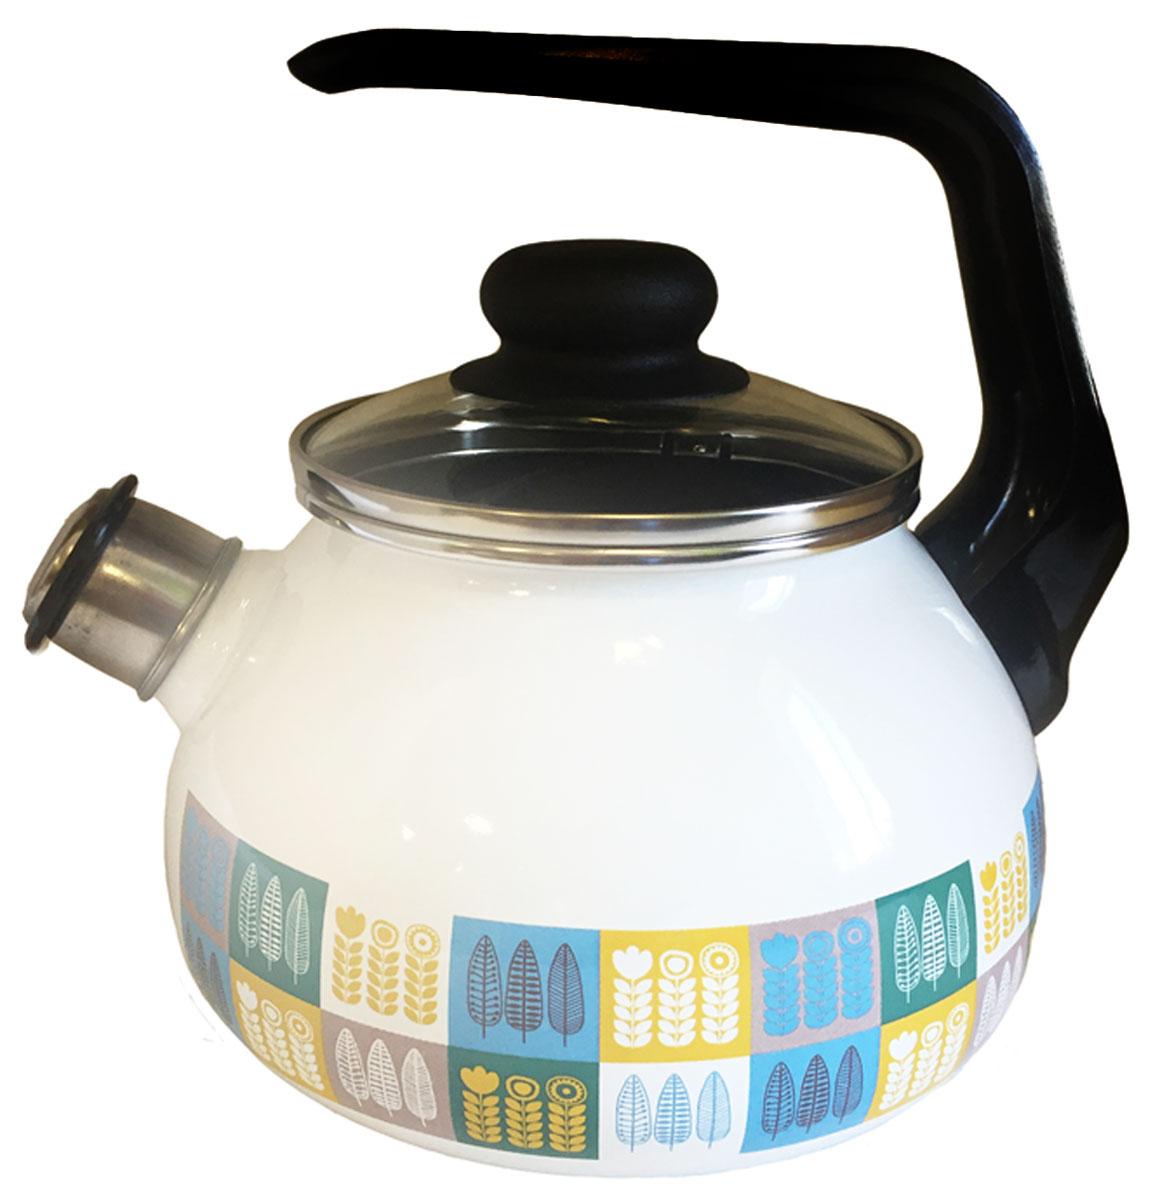 """Чайник эмалированный Appetite """"Мирта"""" - гигиеничен и устойчив к износу при длительном использовании. Гладкая и ровная поверхность существенно облегчает уход за посудой."""